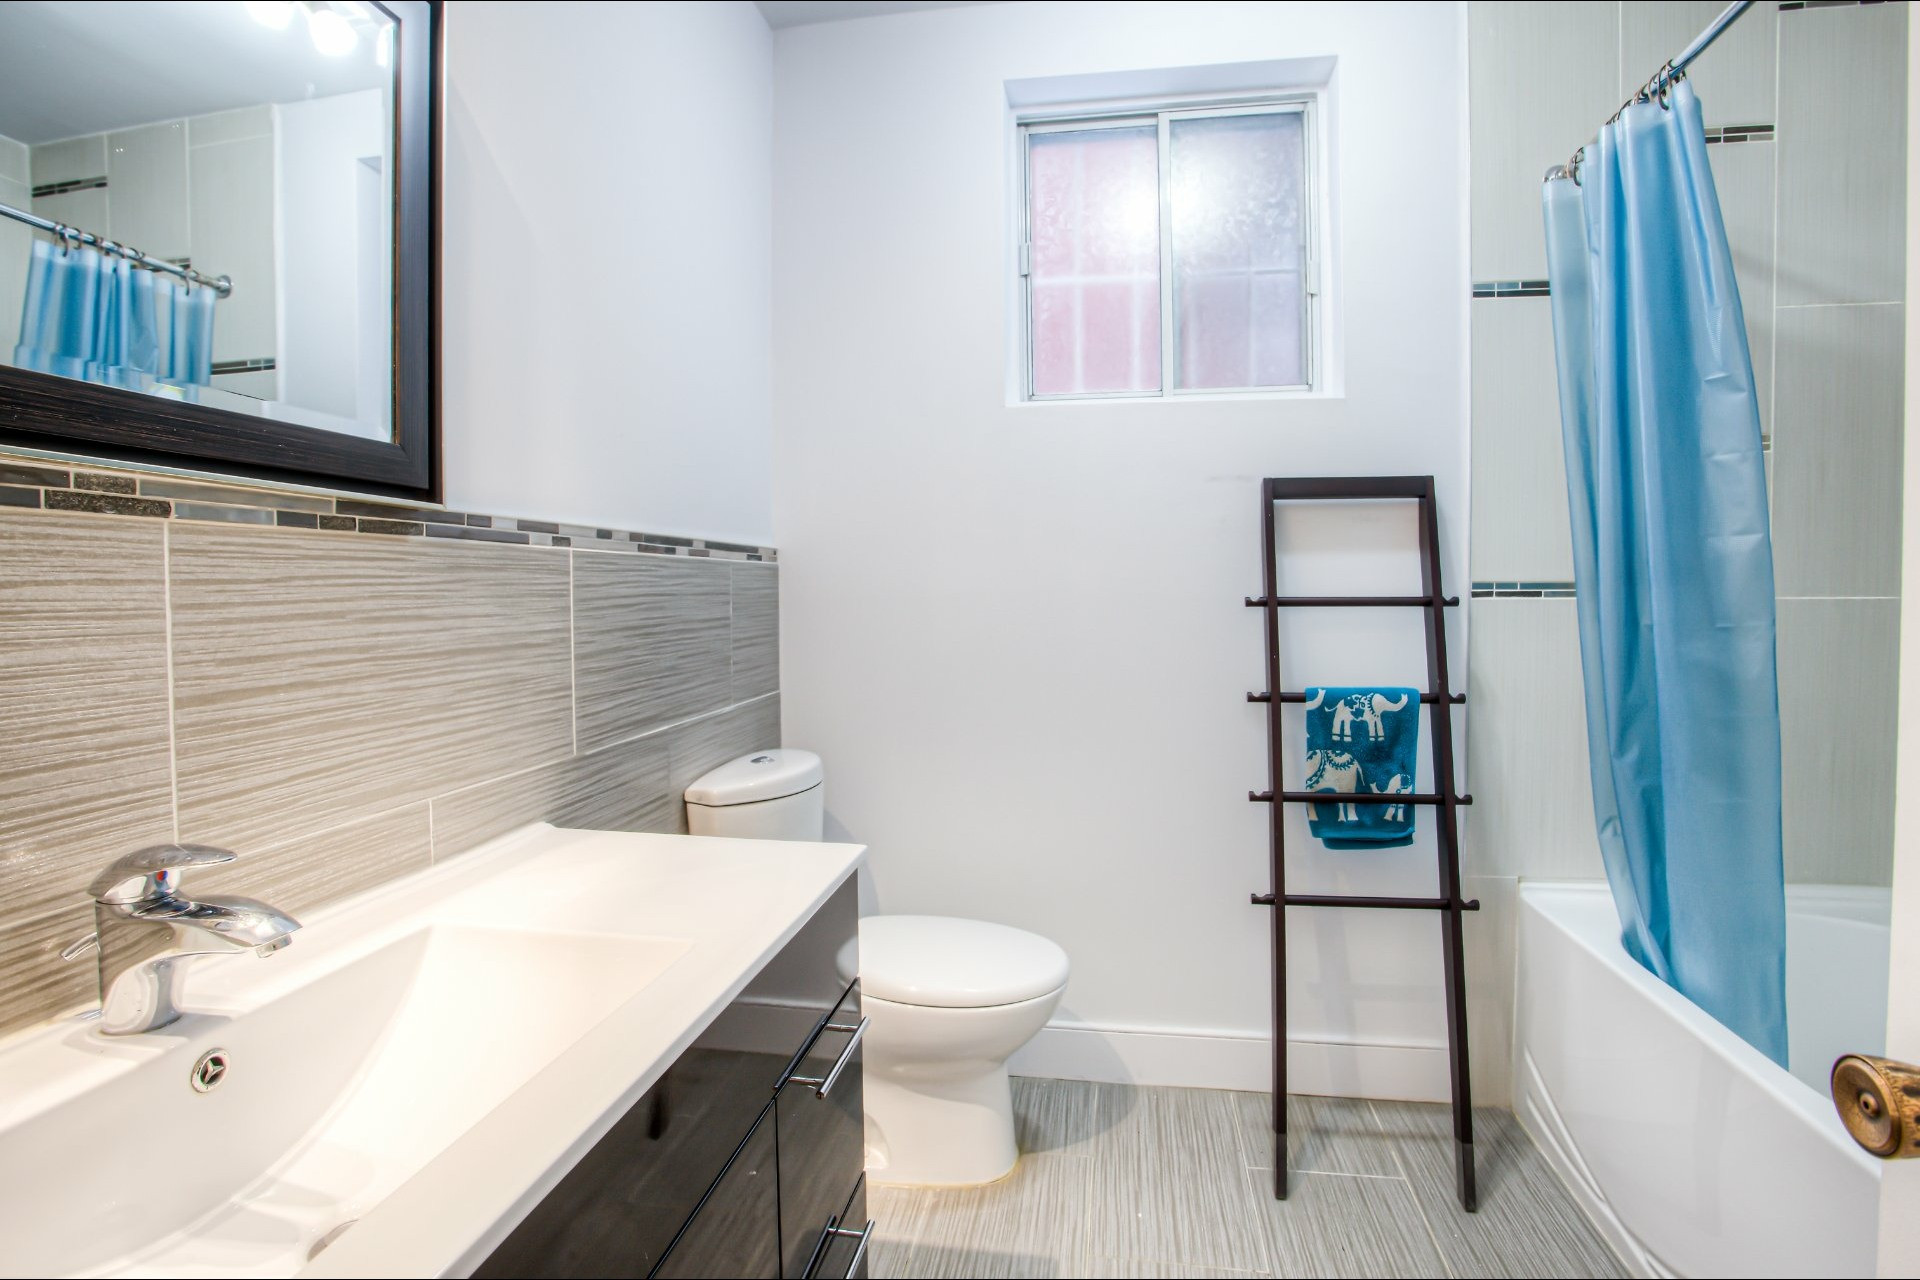 image 22 - Appartement À vendre Le Plateau-Mont-Royal Montréal  - 7 pièces